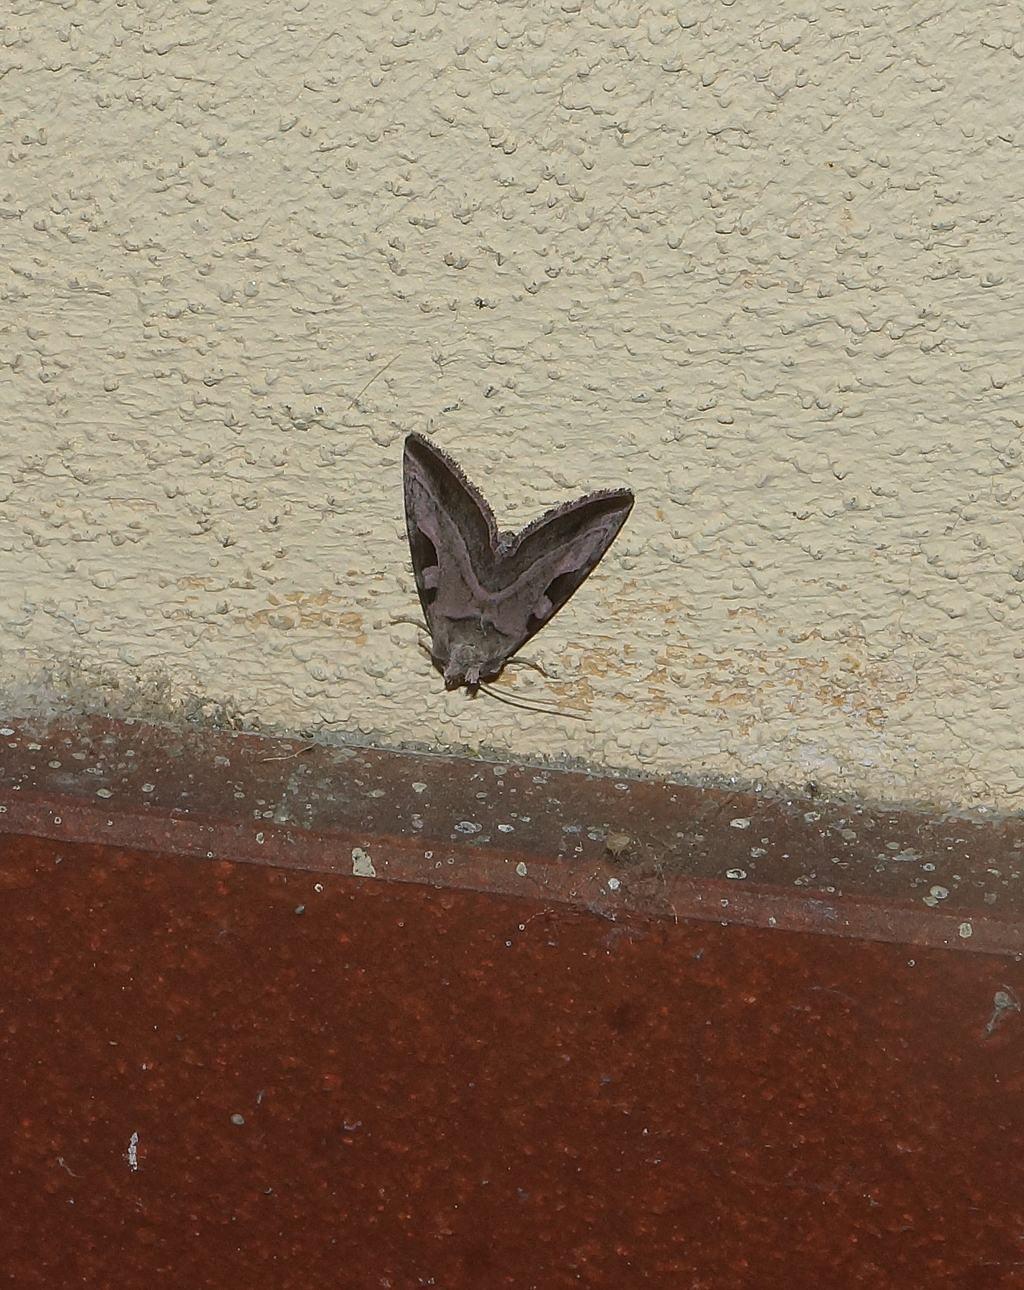 Eucarta virgo - Noctuidae